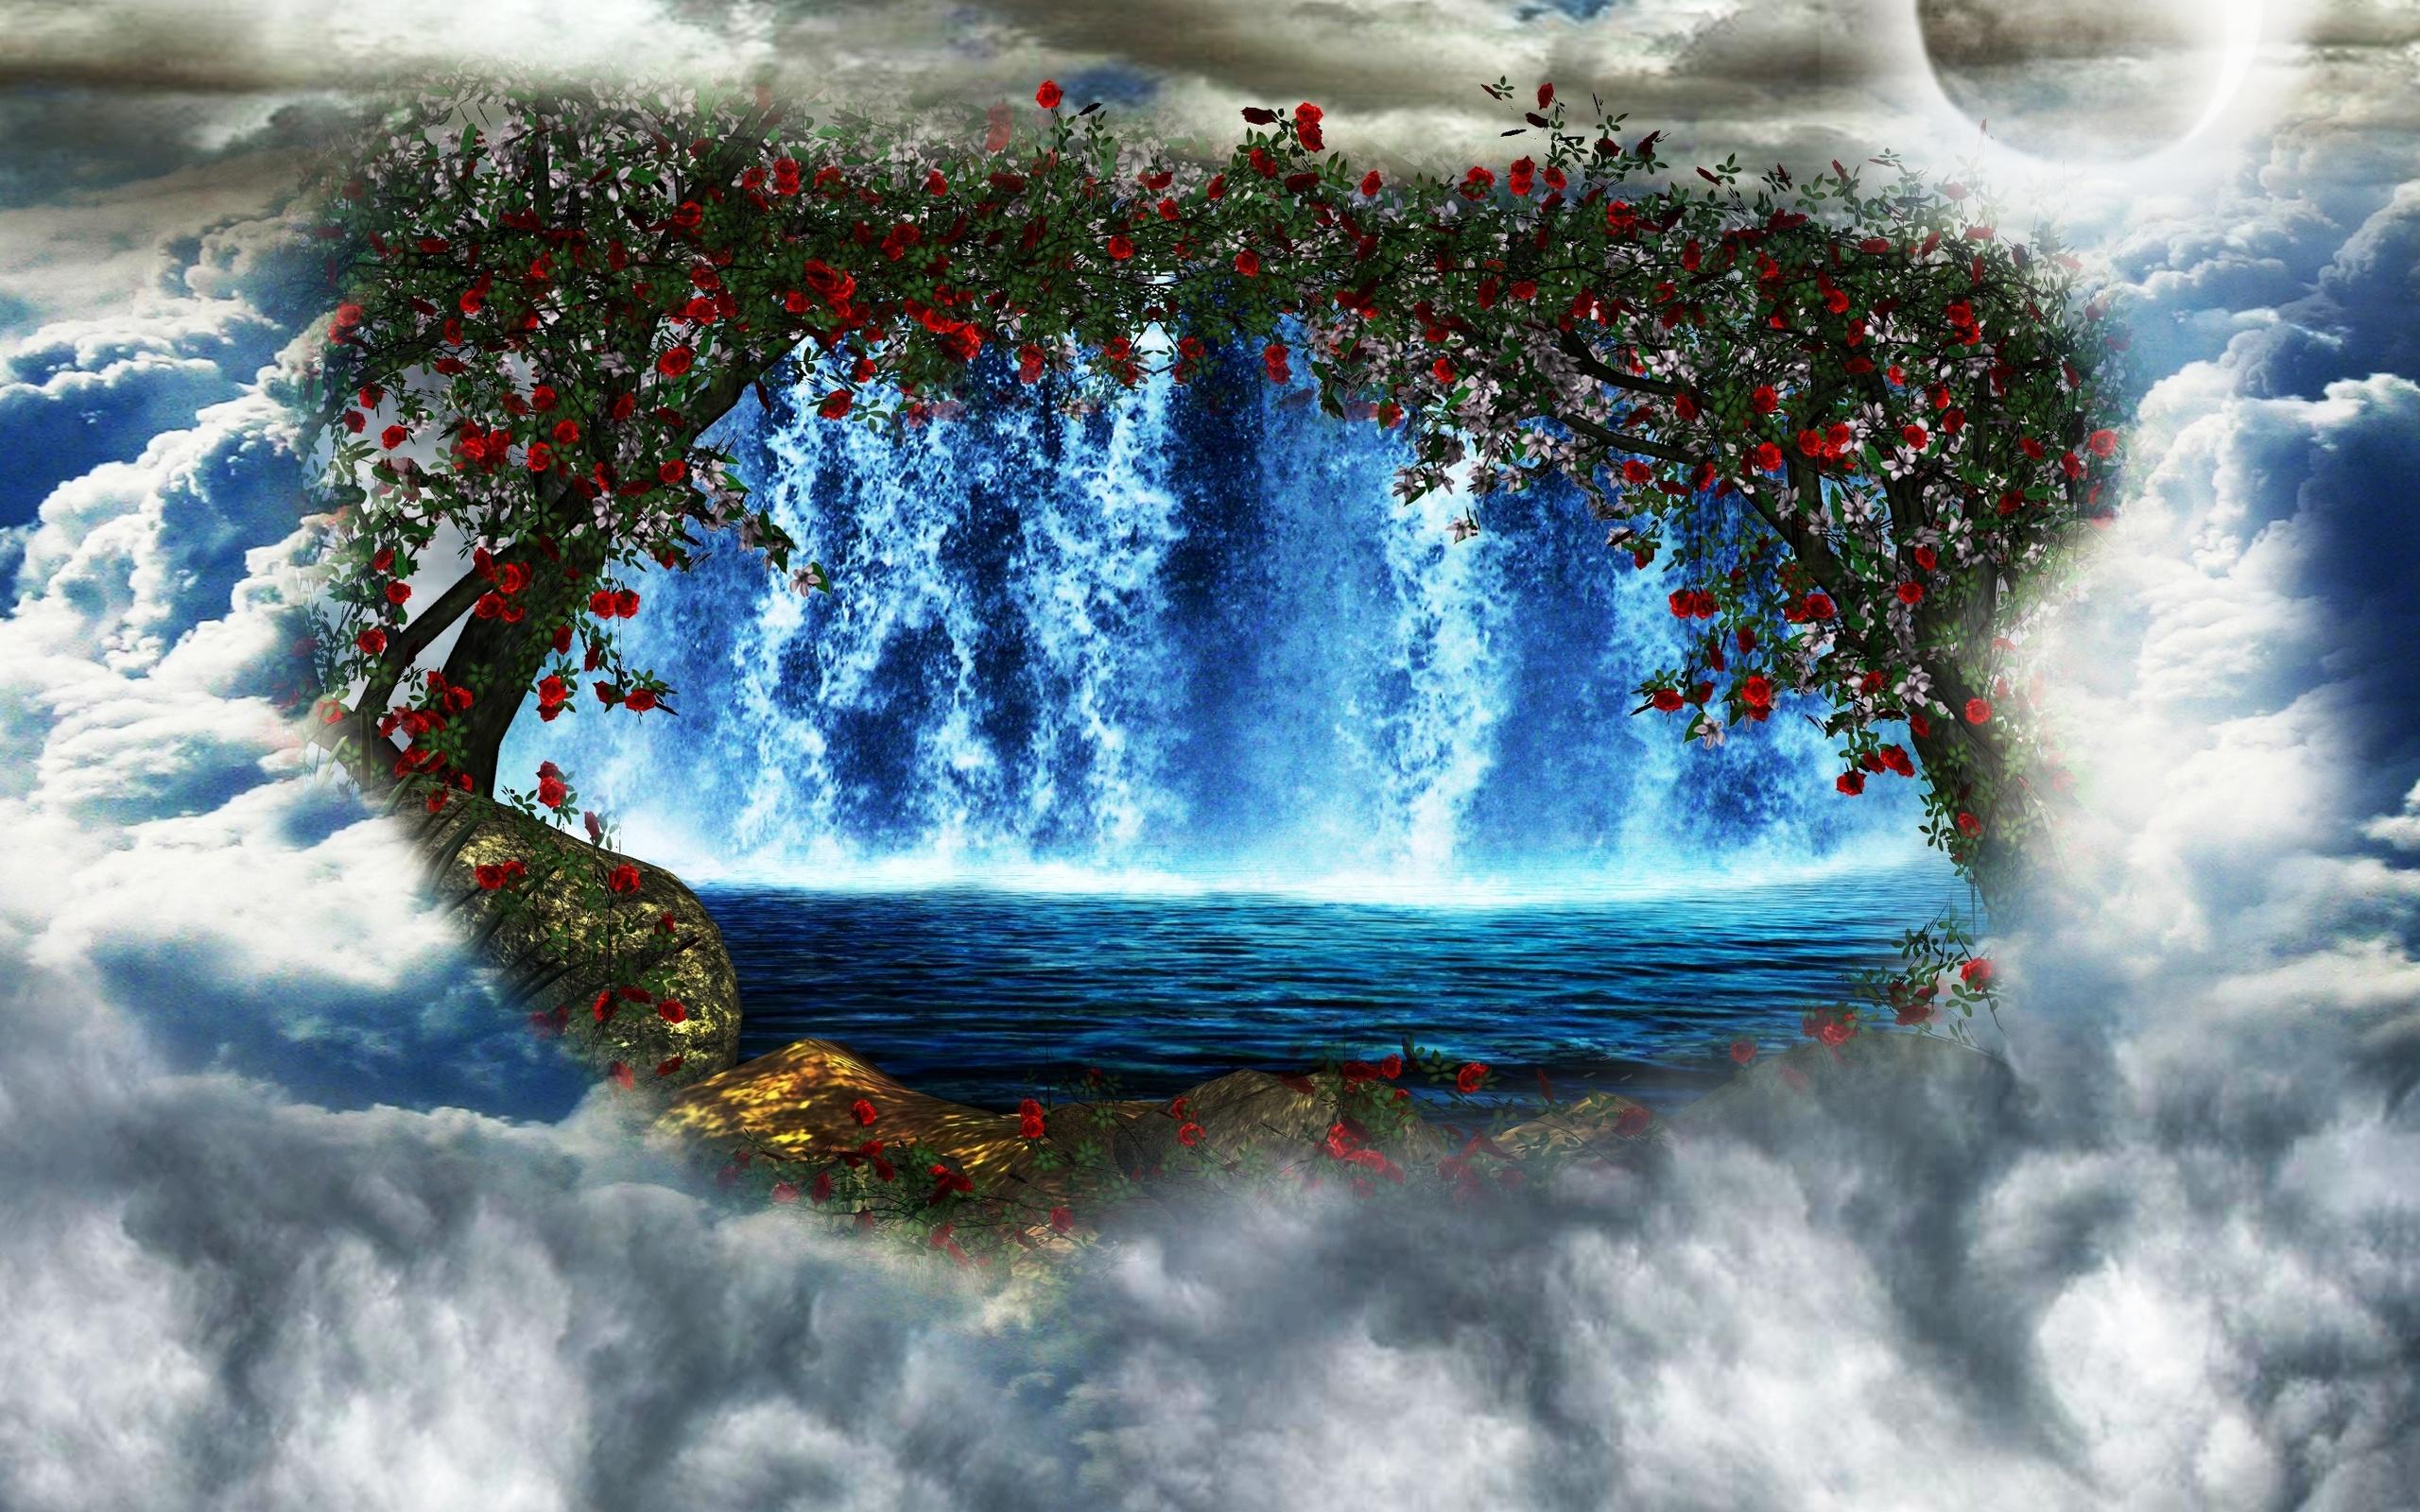 природа река деревья водопад небо облака бесплатно